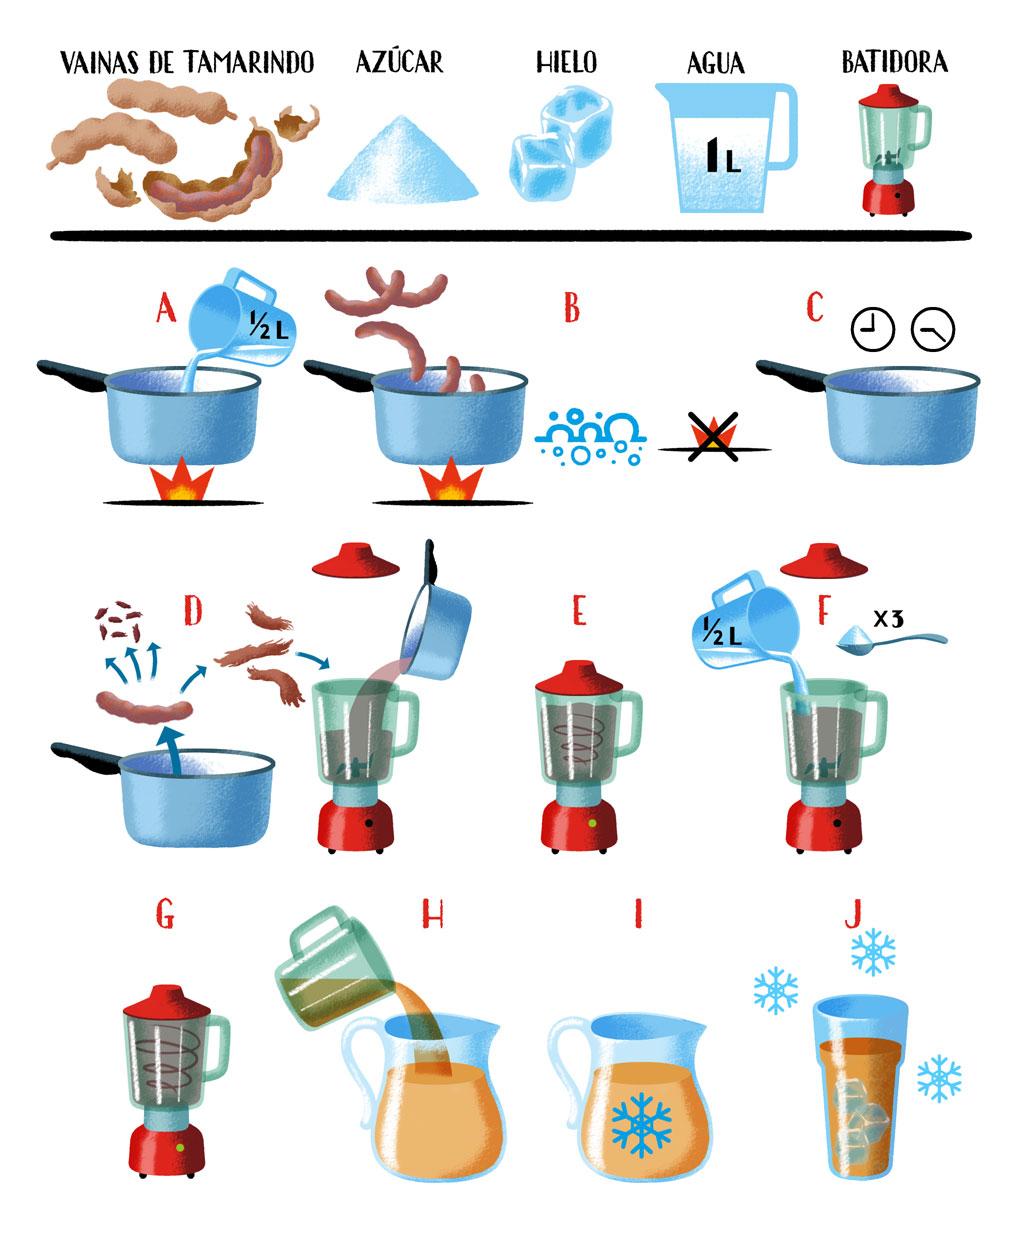 Instrucciones para hacer Agua de Tamarindo